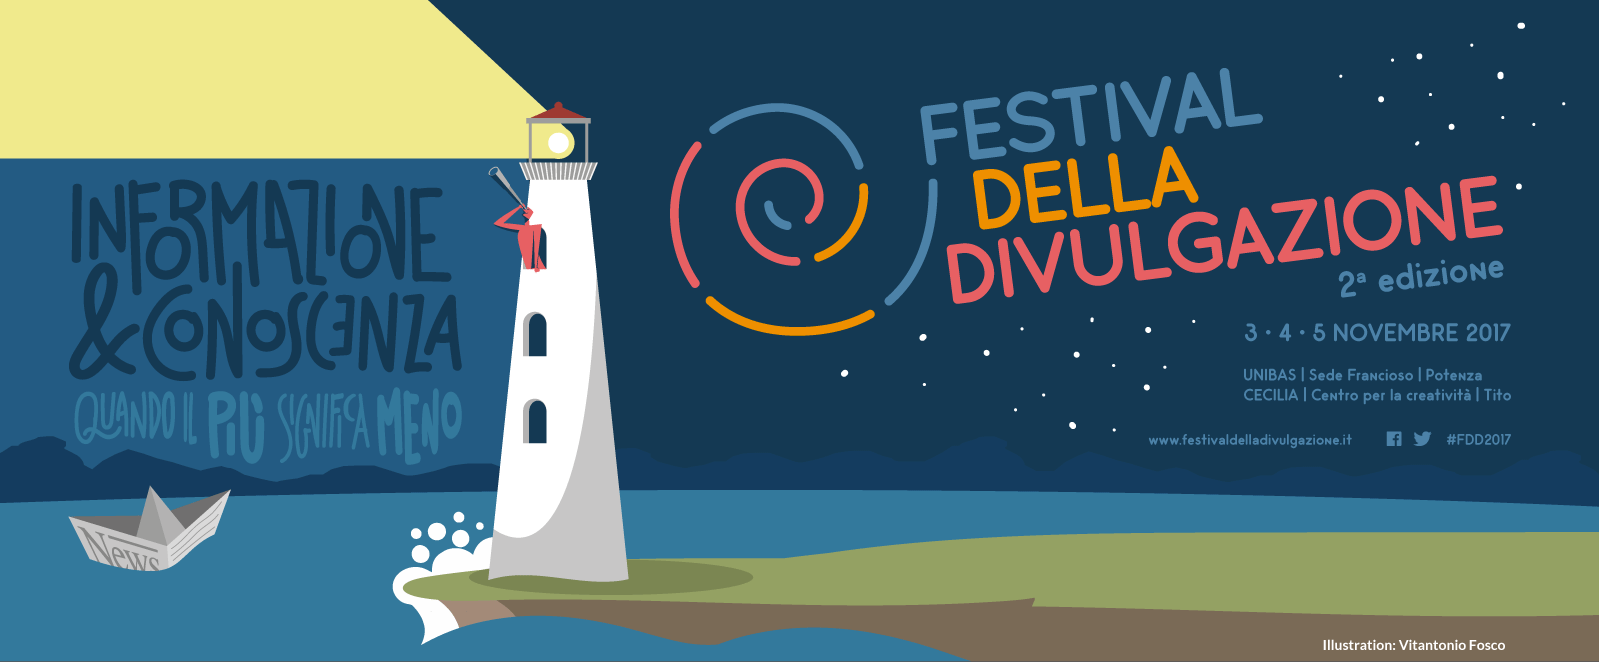 festival della divulgazione